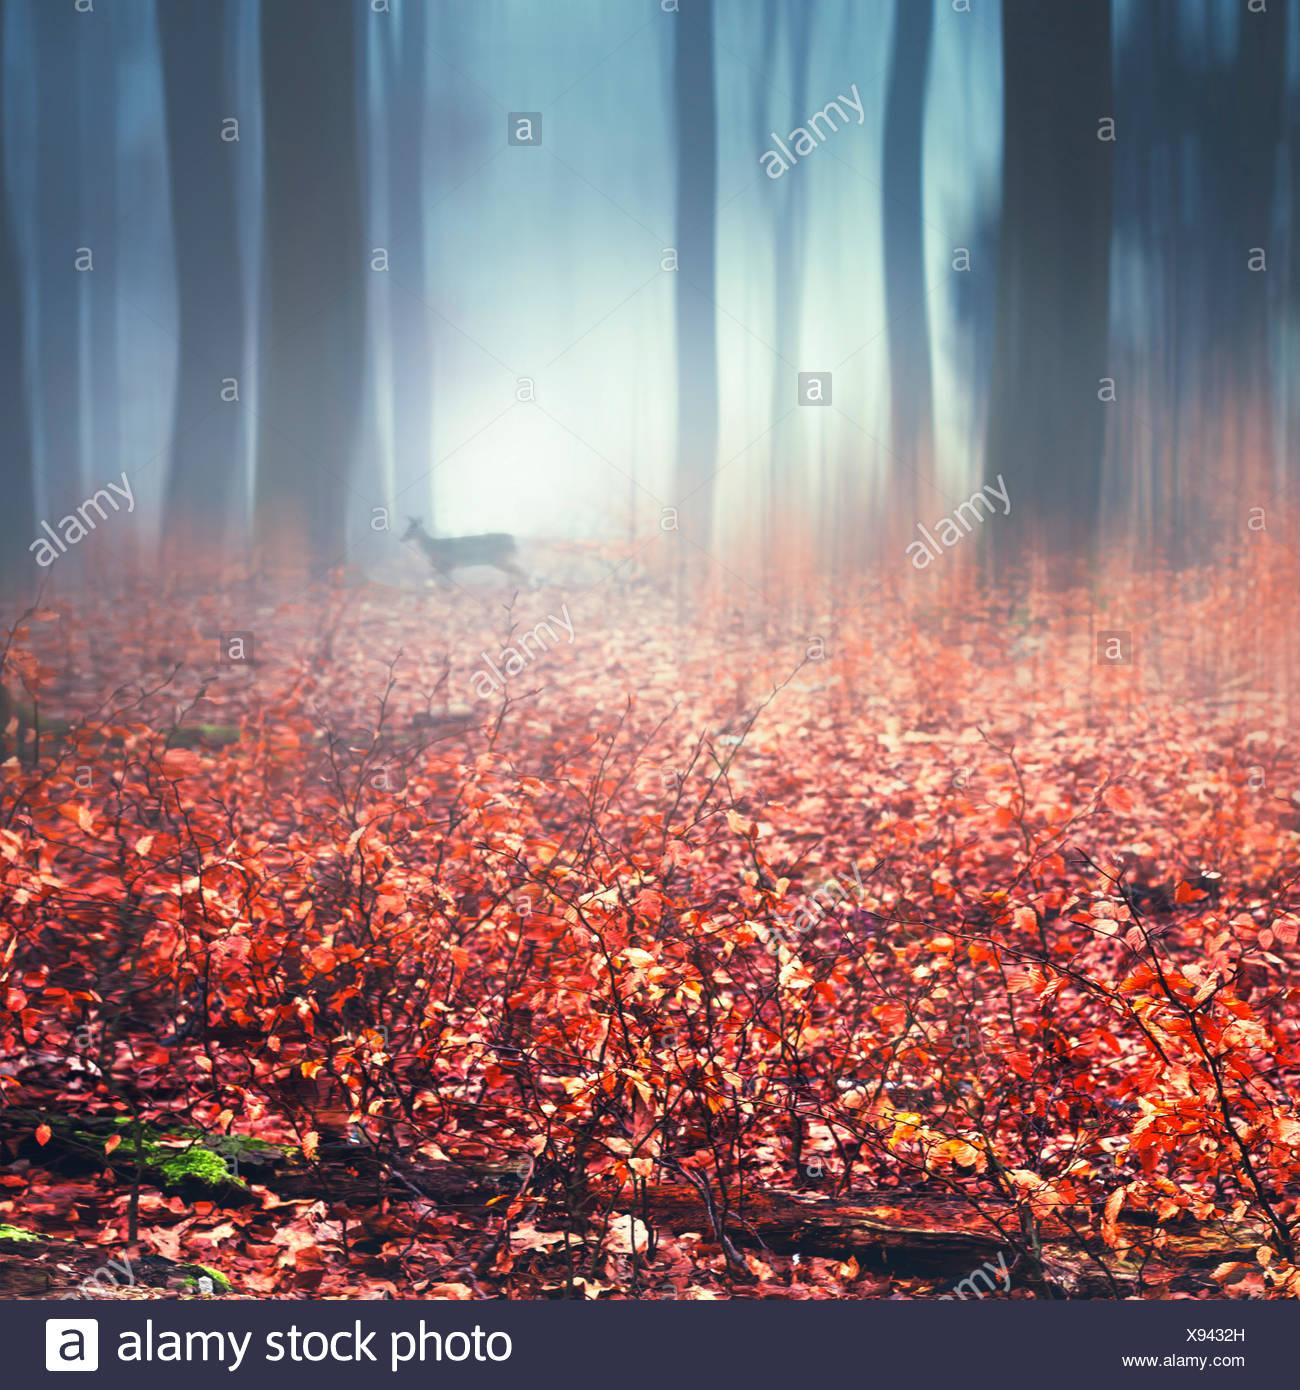 Nebbioso autunno foresta umida, foglie di autunno e cervi, manipolato digitalmente Immagini Stock